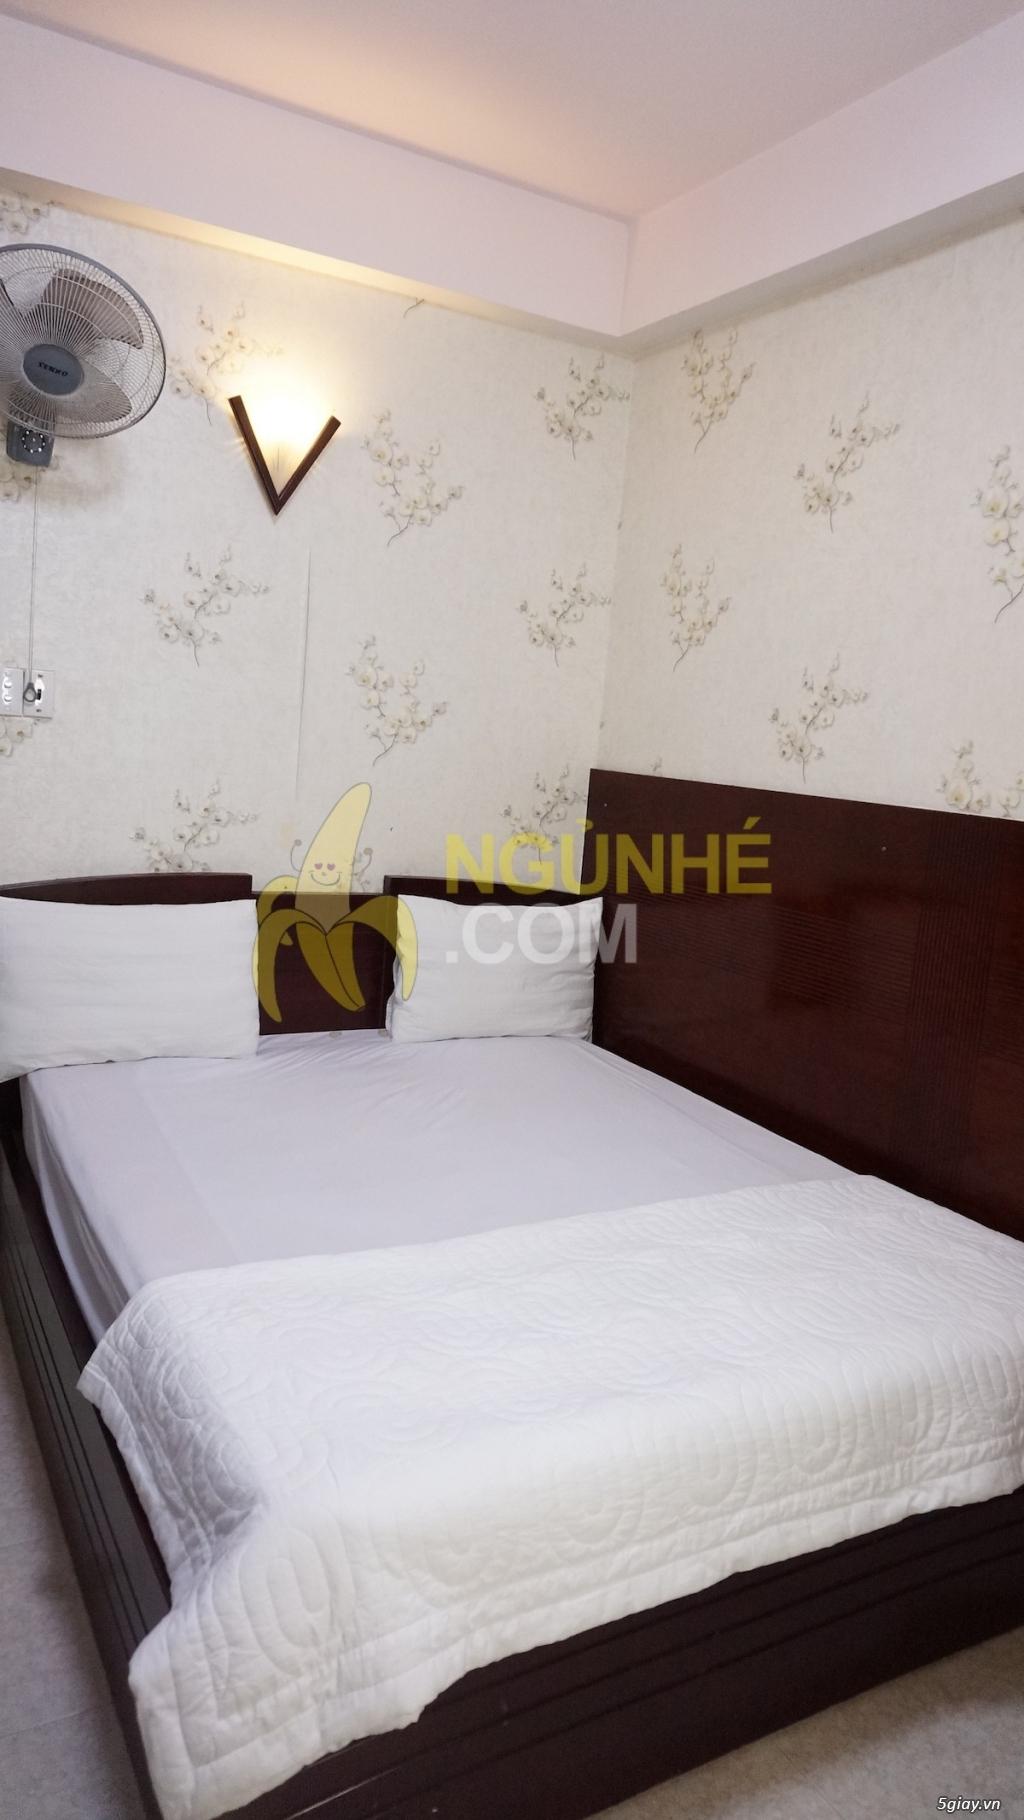 Khách sạn Hoàng Kim siêu khuyến mãi ở khu dân cư Trung Sơn - 6